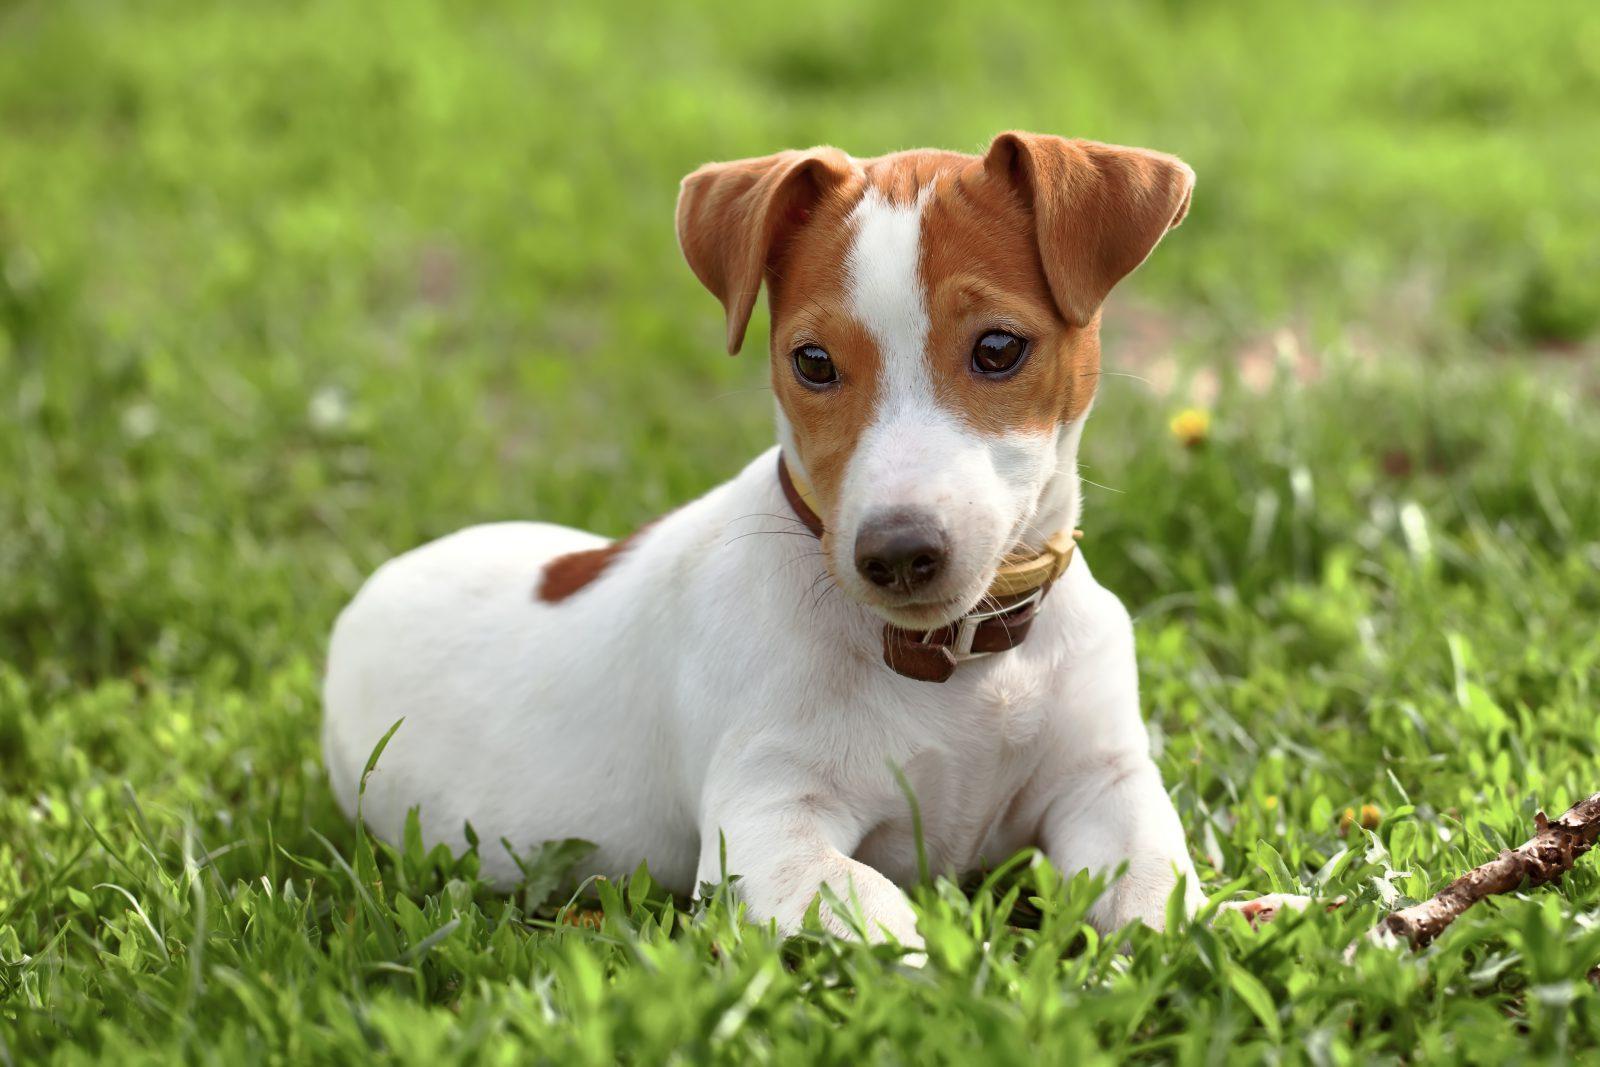 Cachorros de pequeno porte: Jack Russel Terrier deitado na grama do jardim.